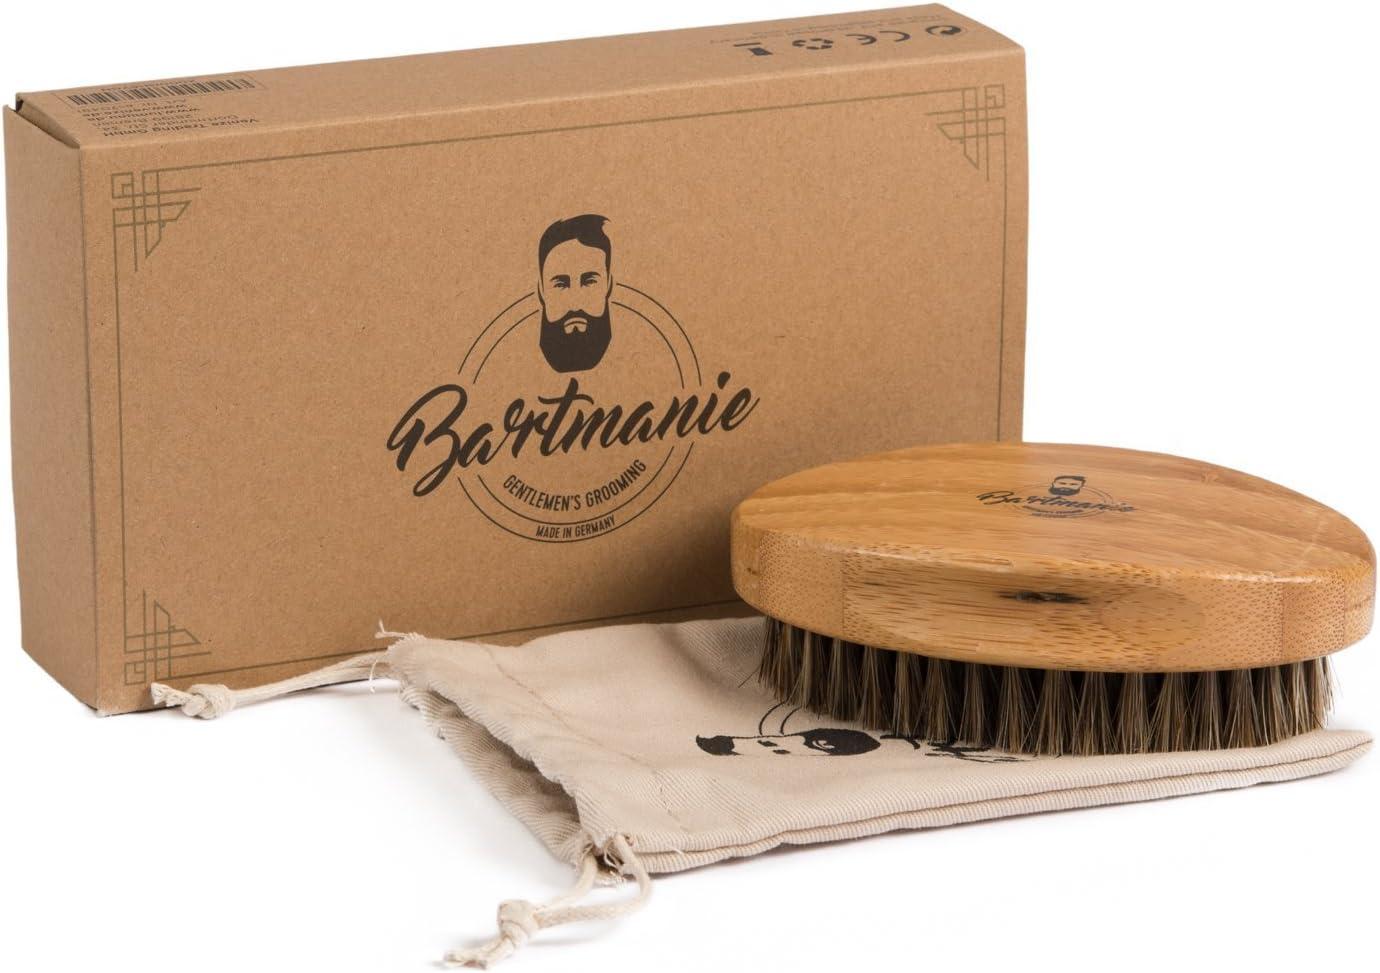 cepillo de barba BARTMANIE hecha de madera fina y los caballos cerdas de pelo real para el cuidado perfecto de la barba, cepillo de barba de pelo de caballo en caja de regalo noble